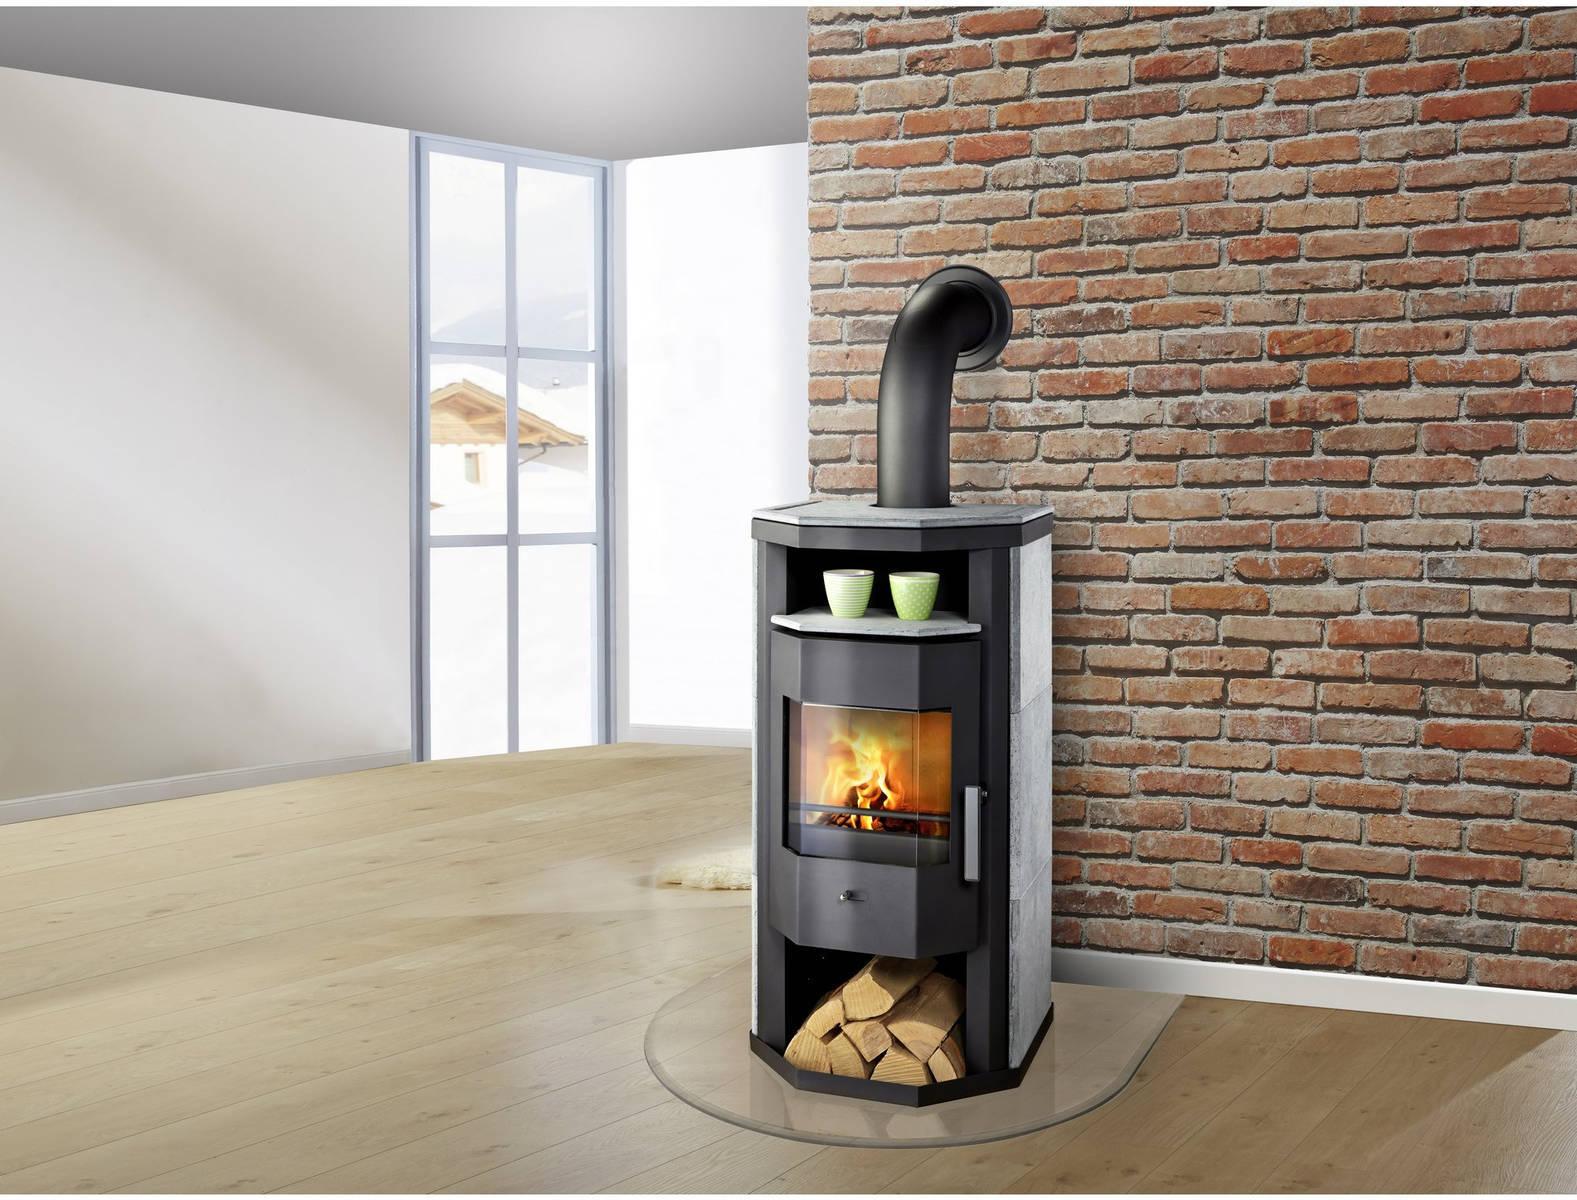 wamsler kaminofen salzburg naturstein 6 kw tee holzfach schamotte ebay. Black Bedroom Furniture Sets. Home Design Ideas